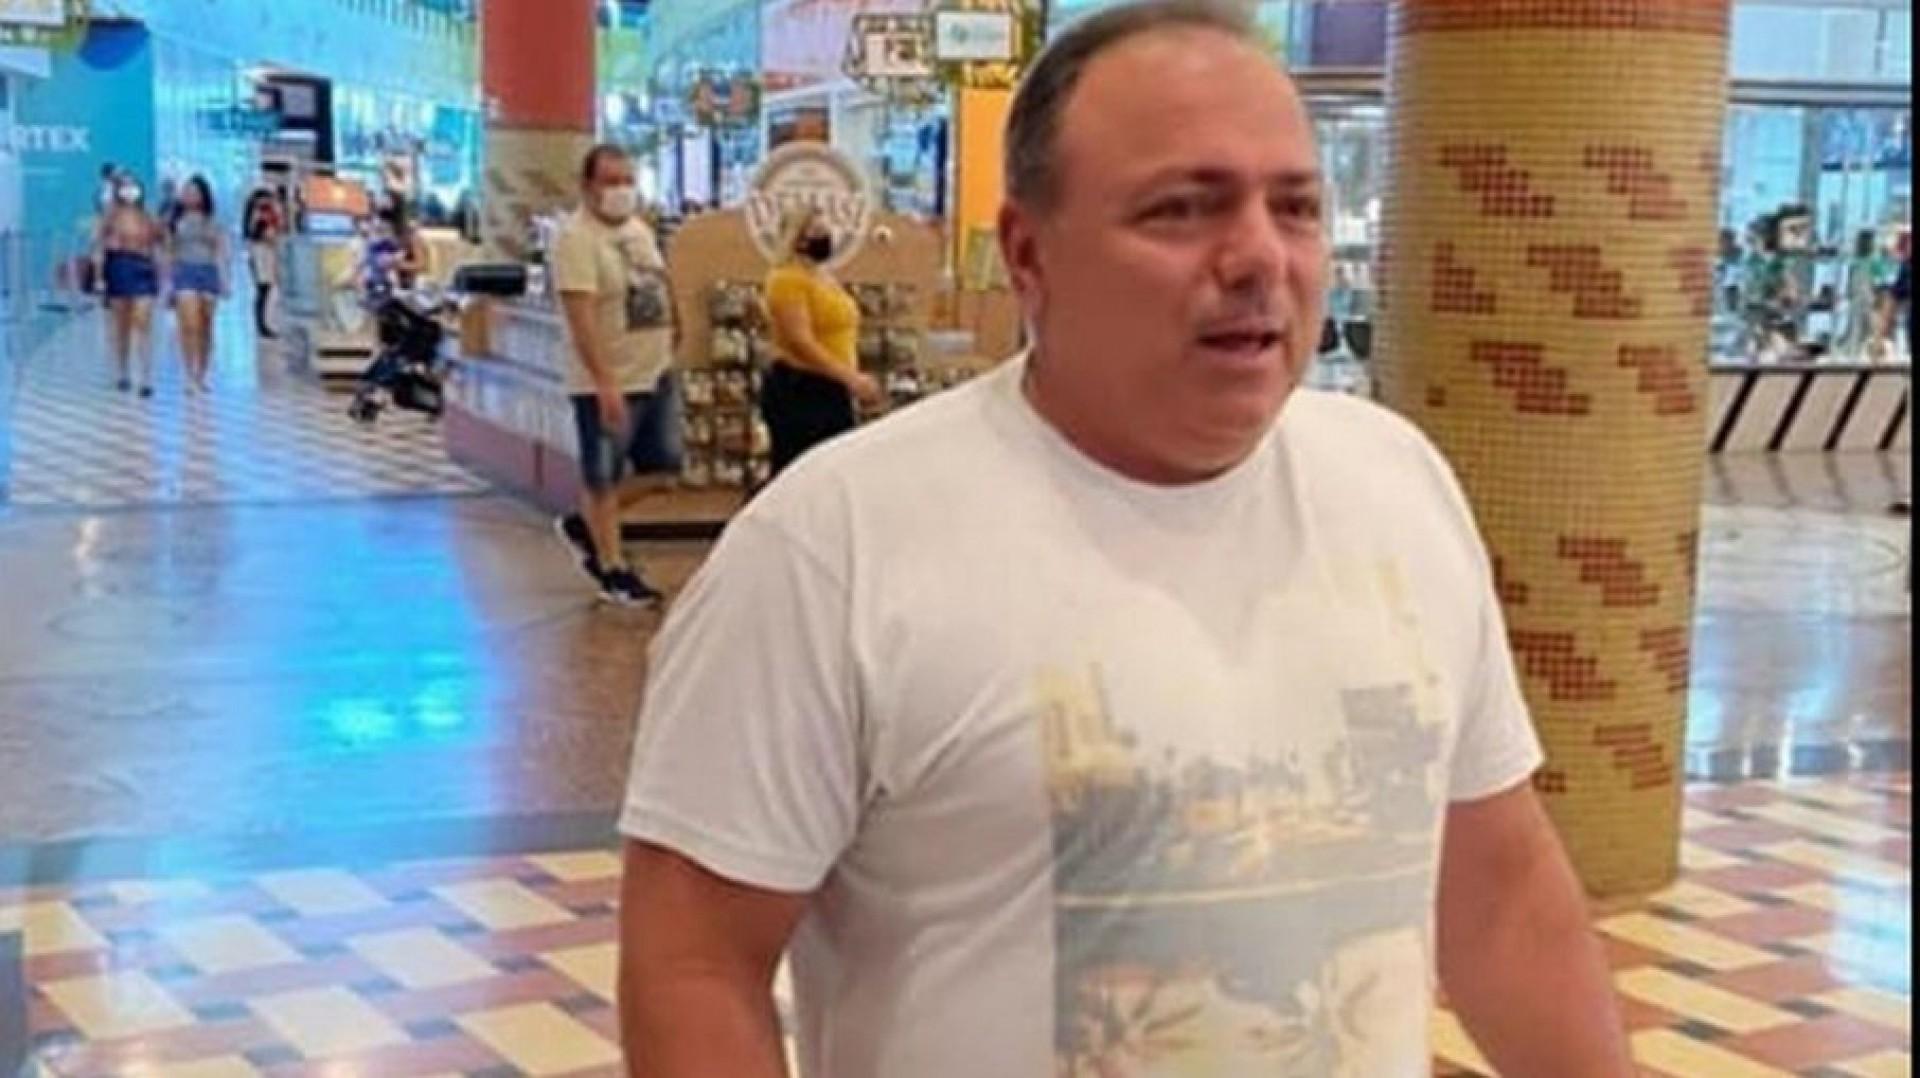 GENERAL foi flagrado sem máscara semana passada em um shopping em Manaus (Foto: Jaqueline Bastos/Arquivo Pessoal)